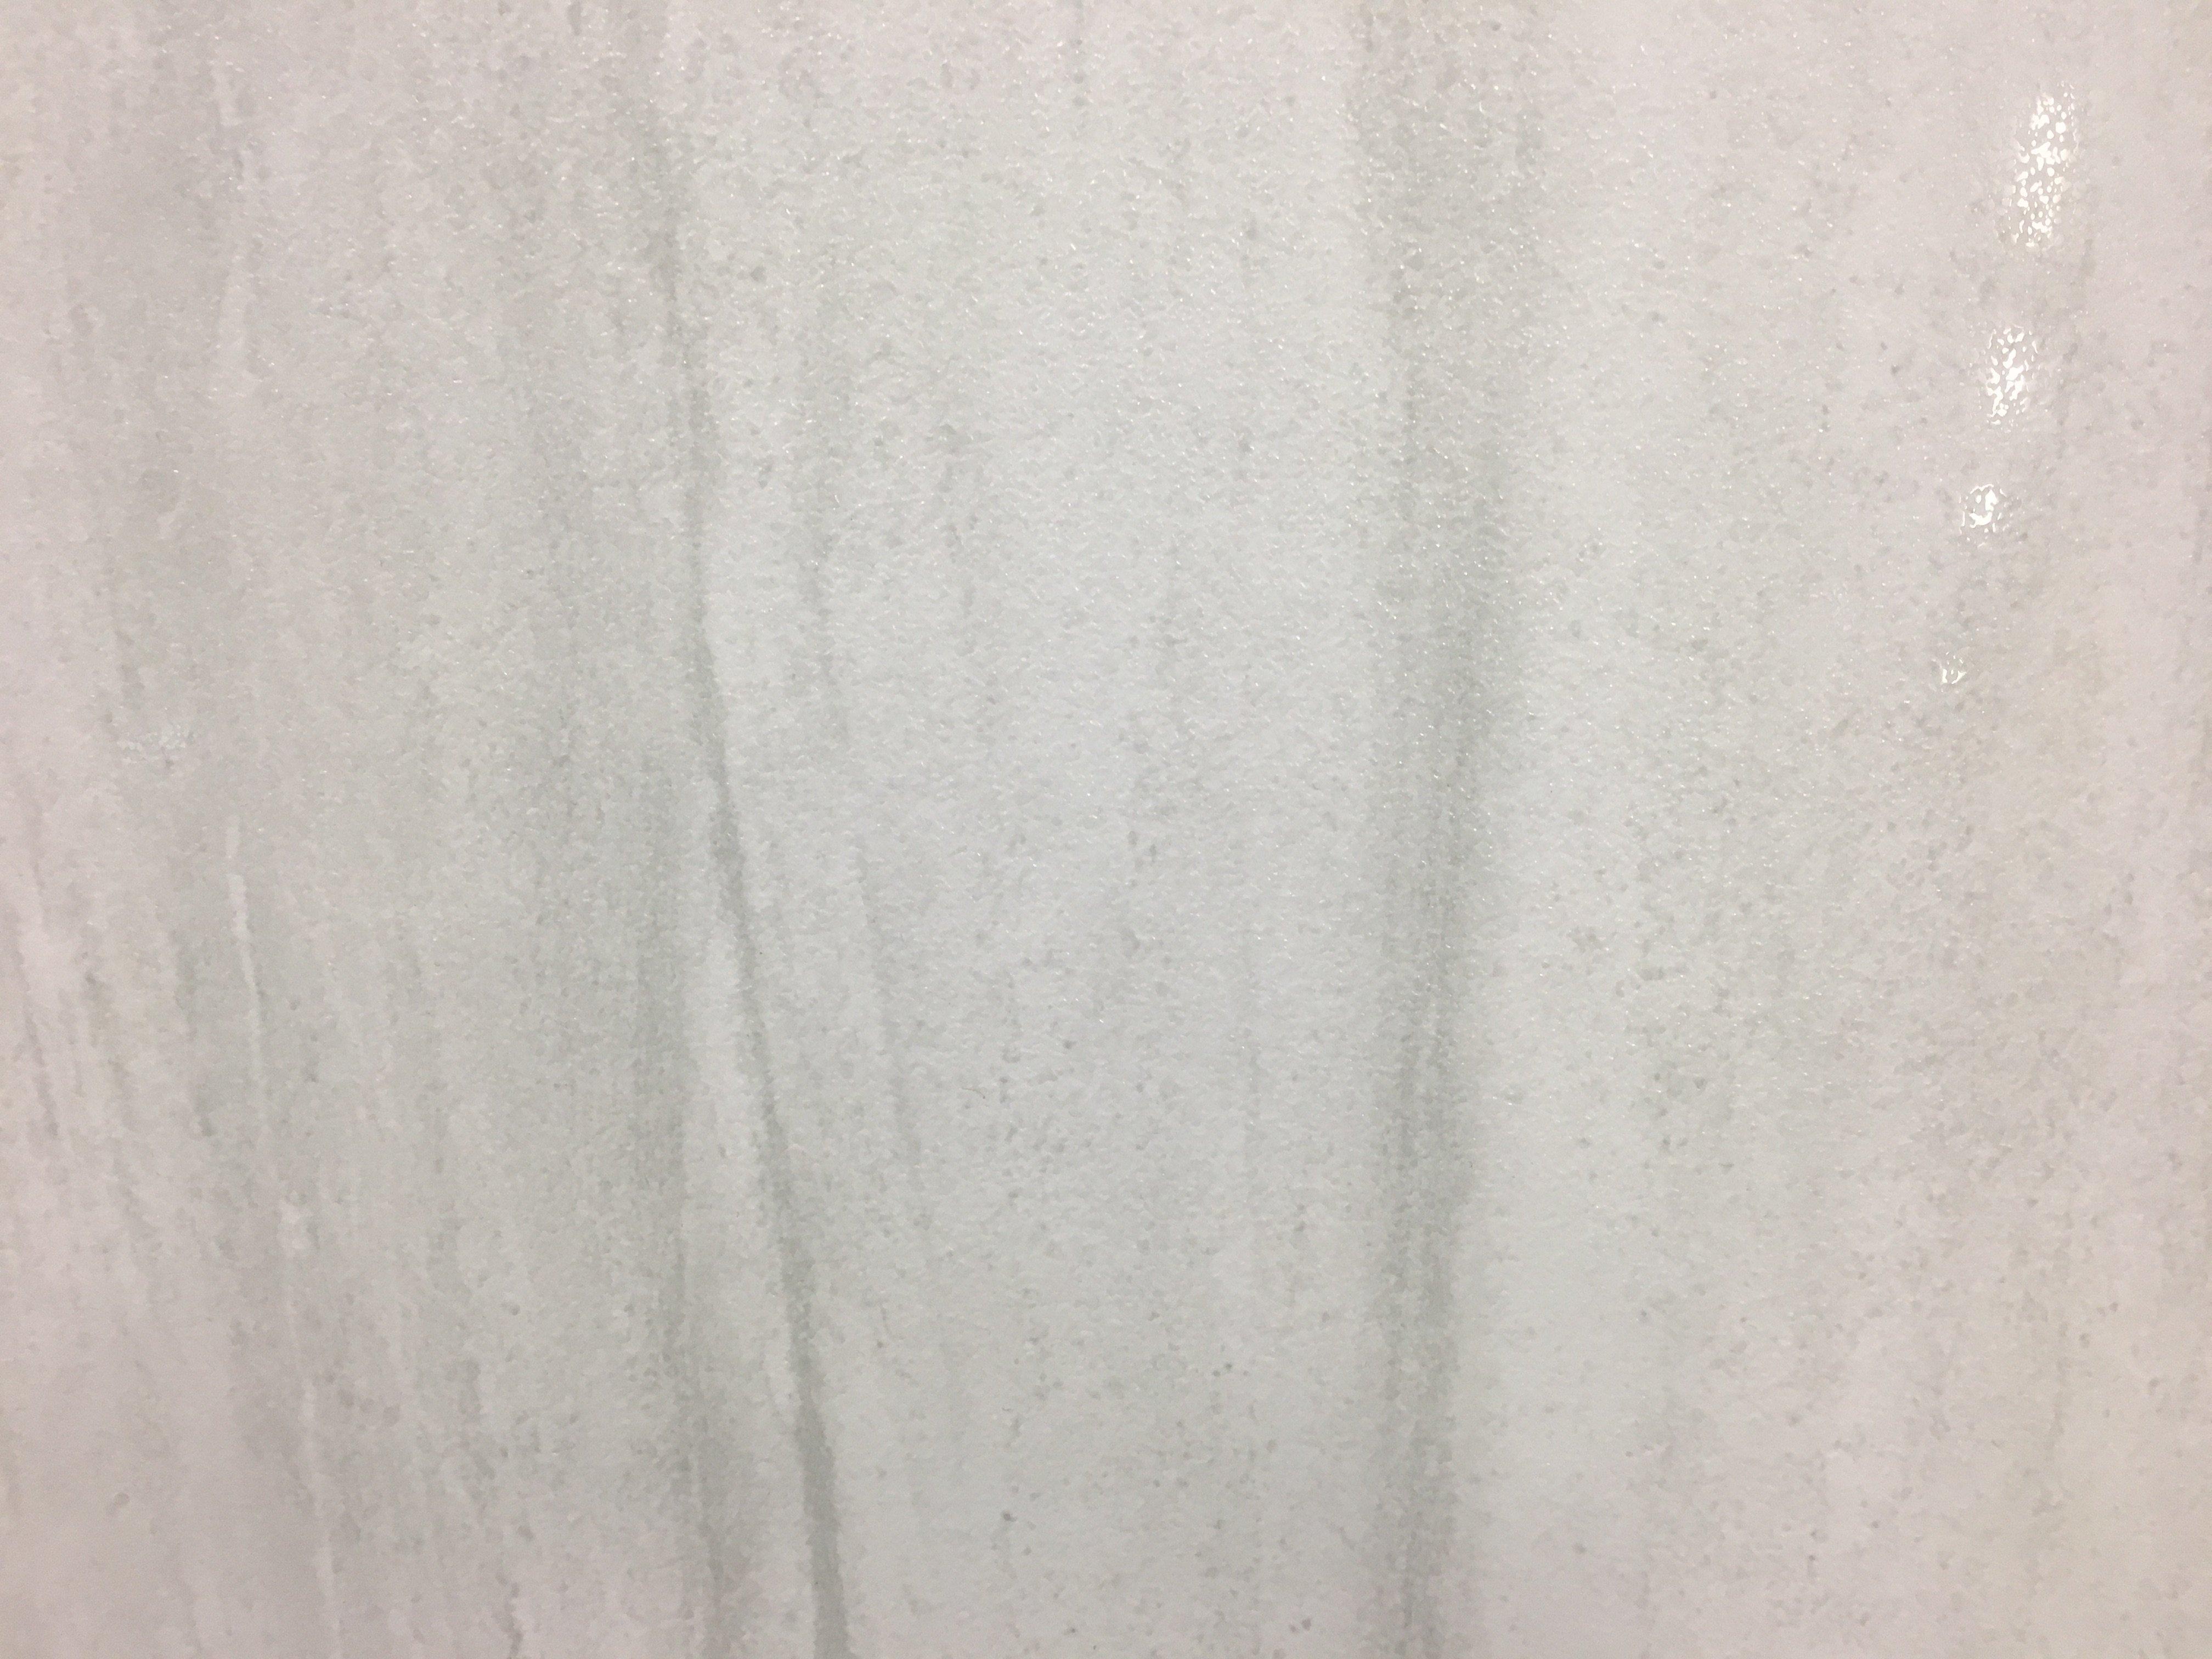 Marmor Belag Reinigen Sanieren Impragnieren Versiegeln Steinrein